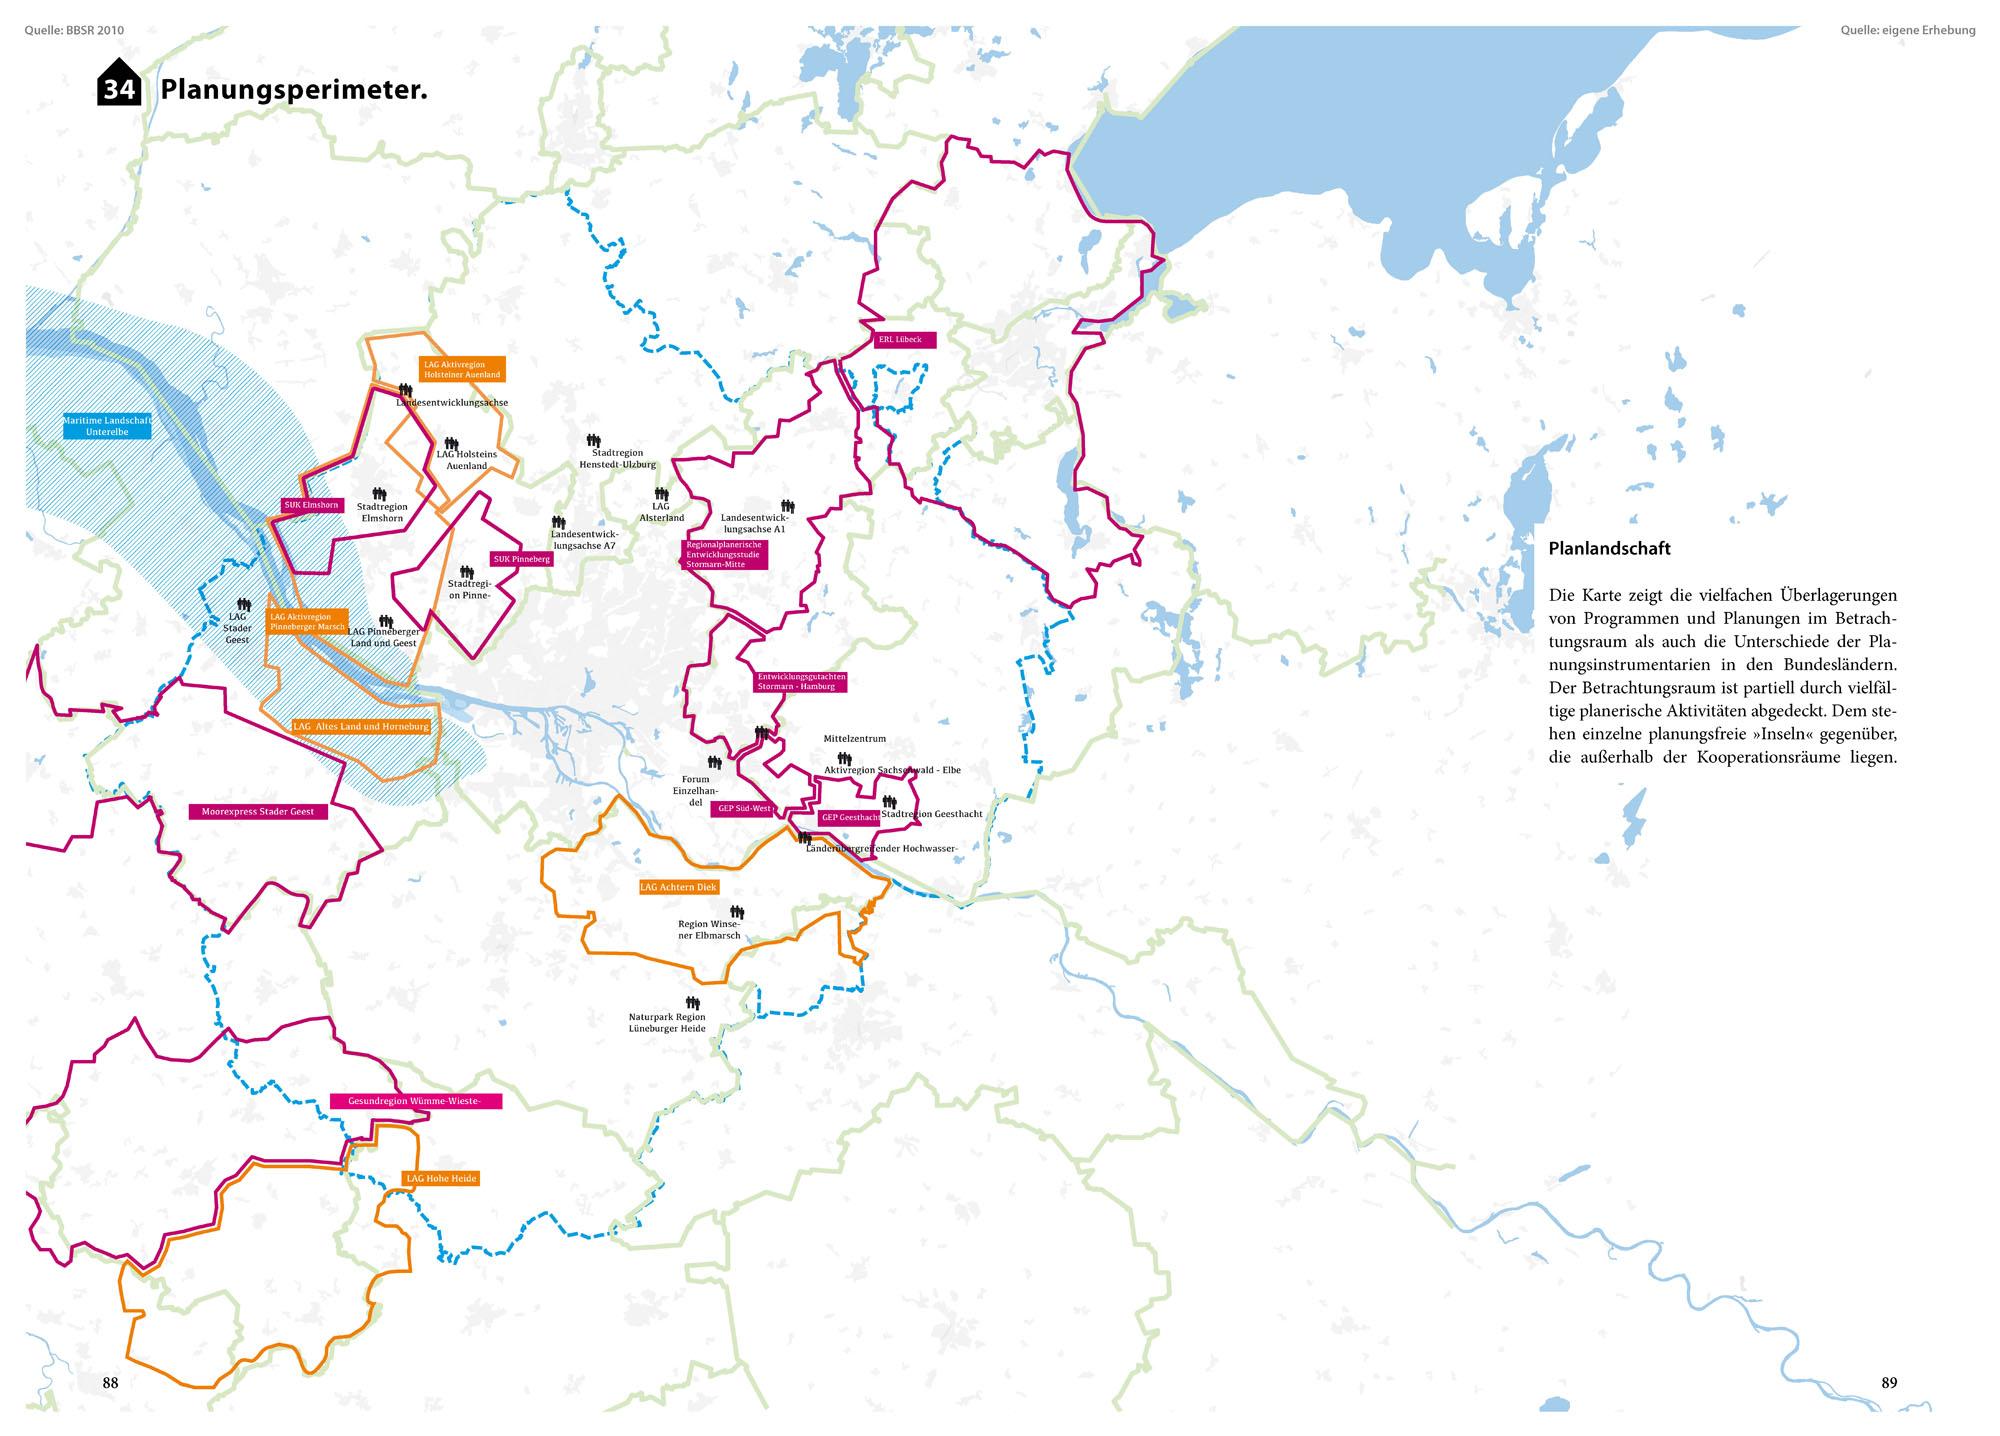 Suburbia Atlas Hamburg Planungsperimeter Planung Planlandschaft Karte